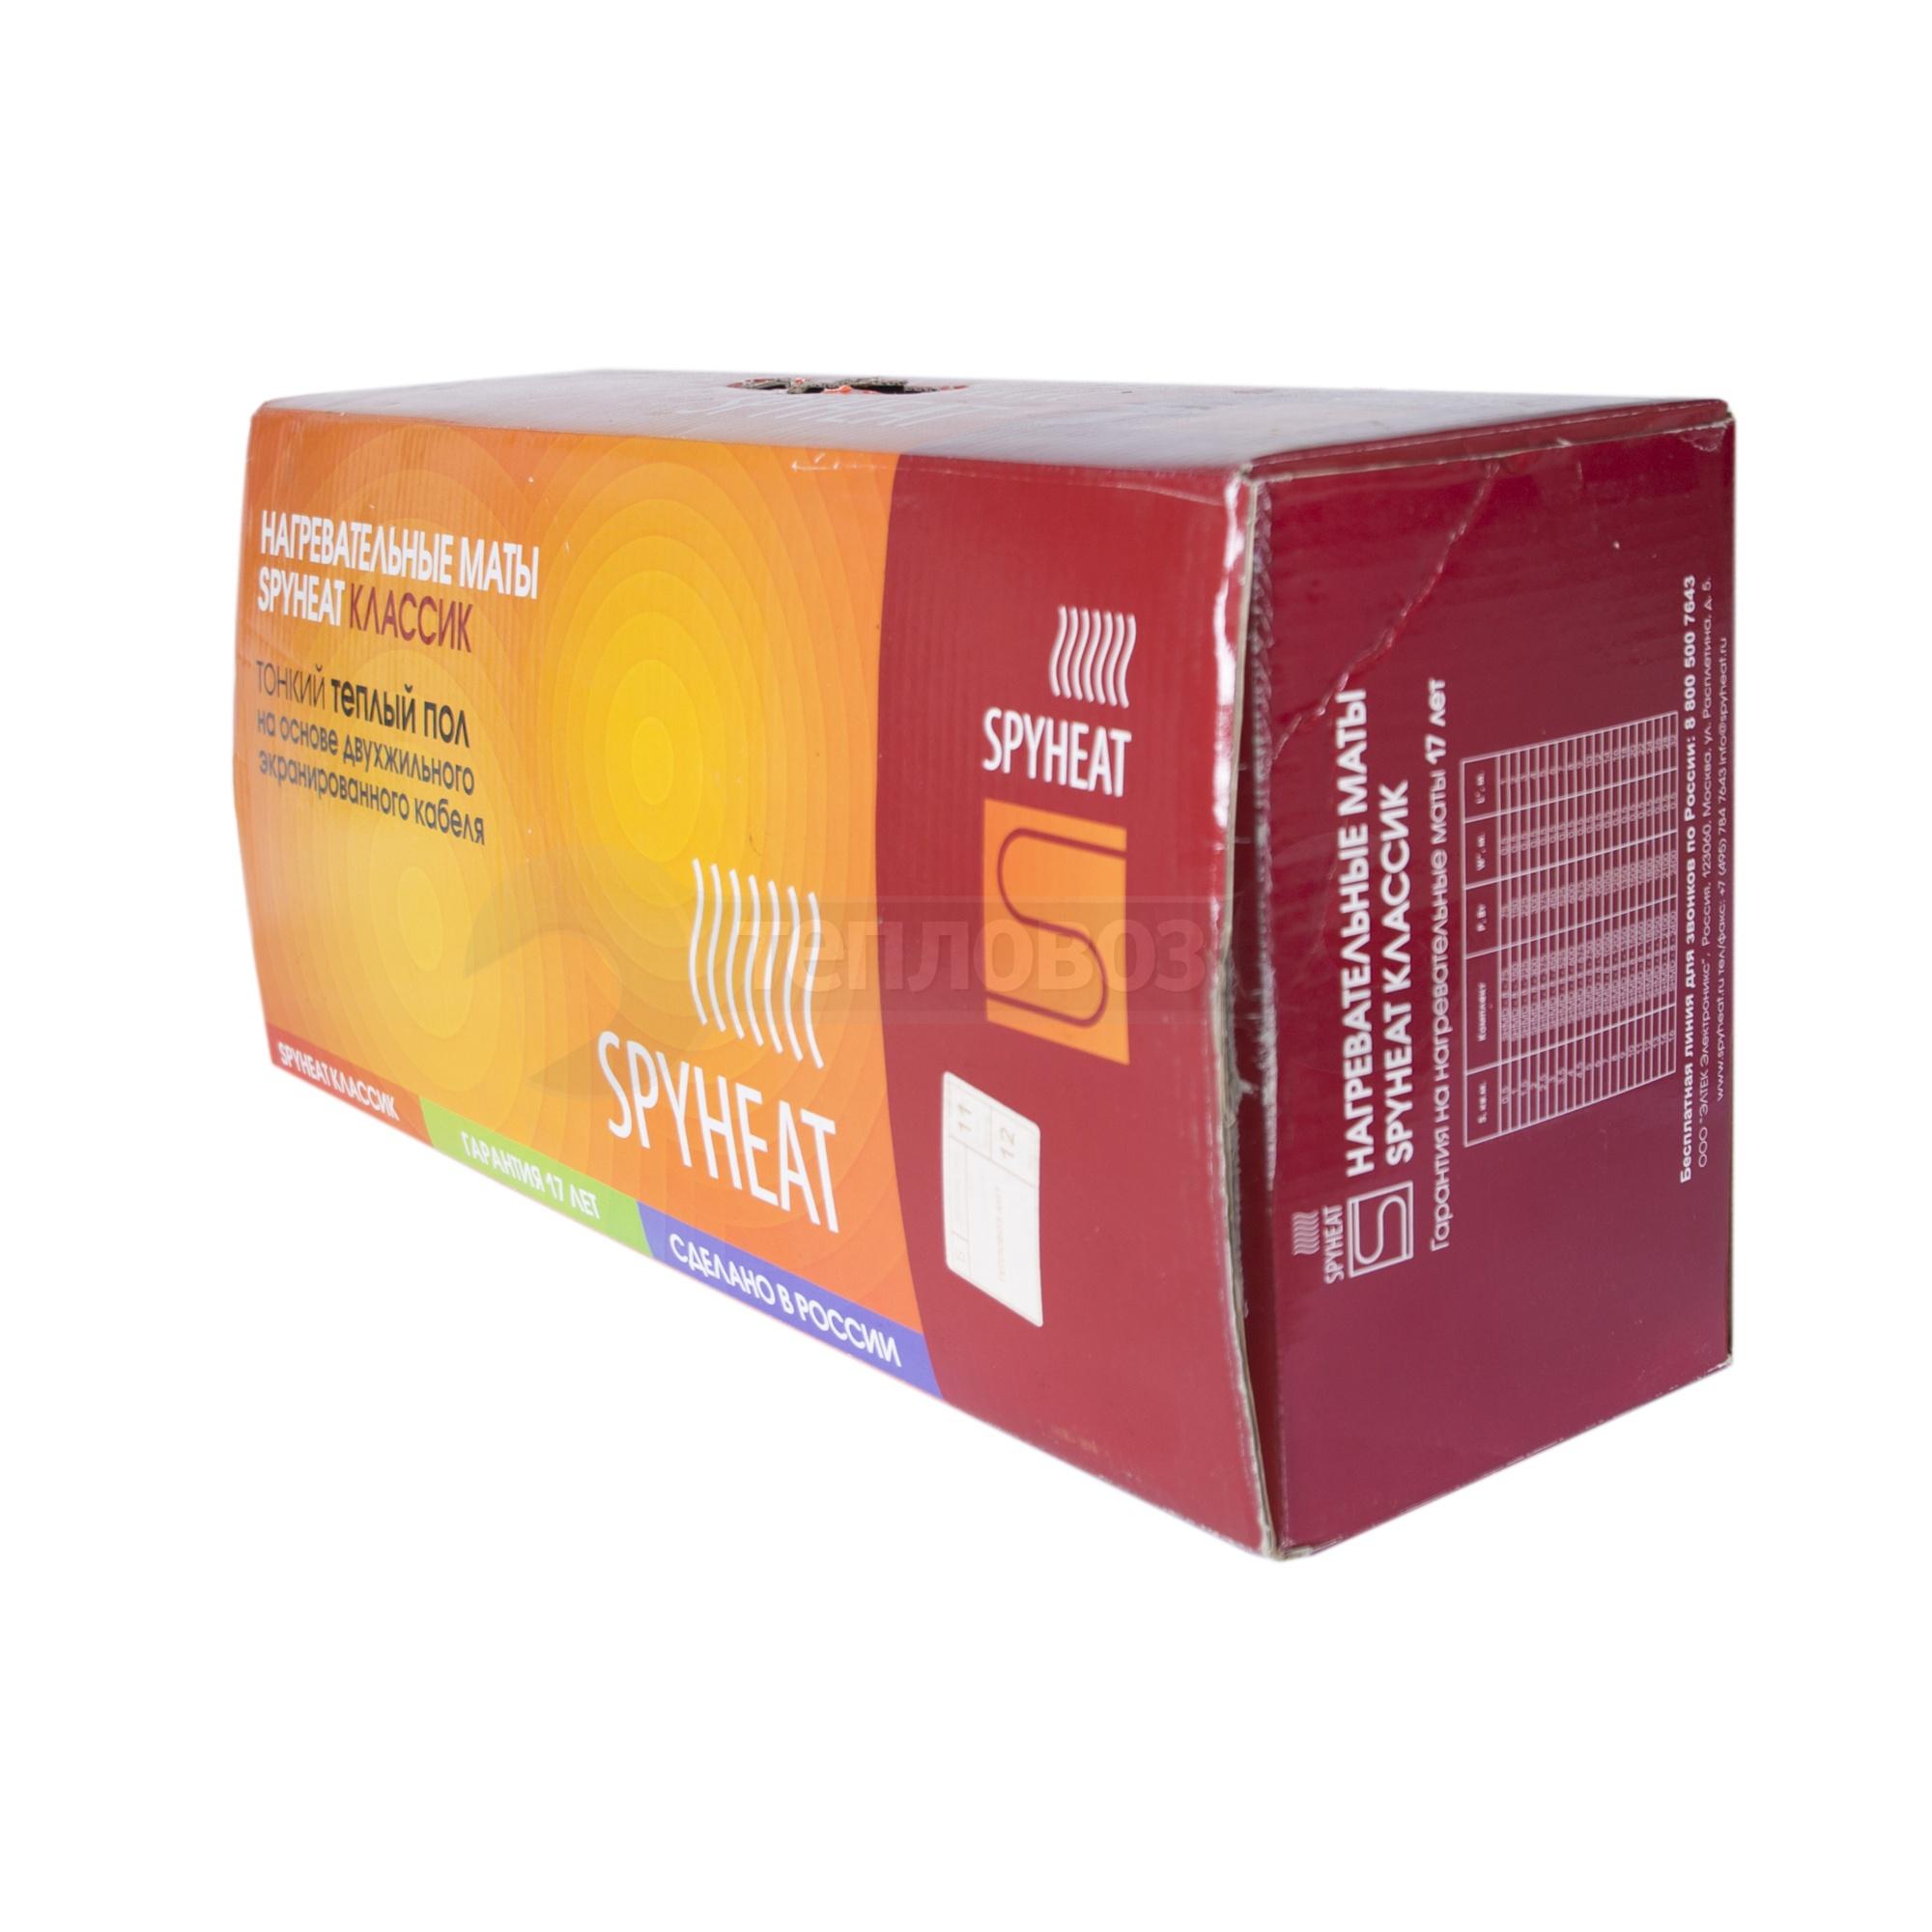 Spyheat Shмd - 8-1200